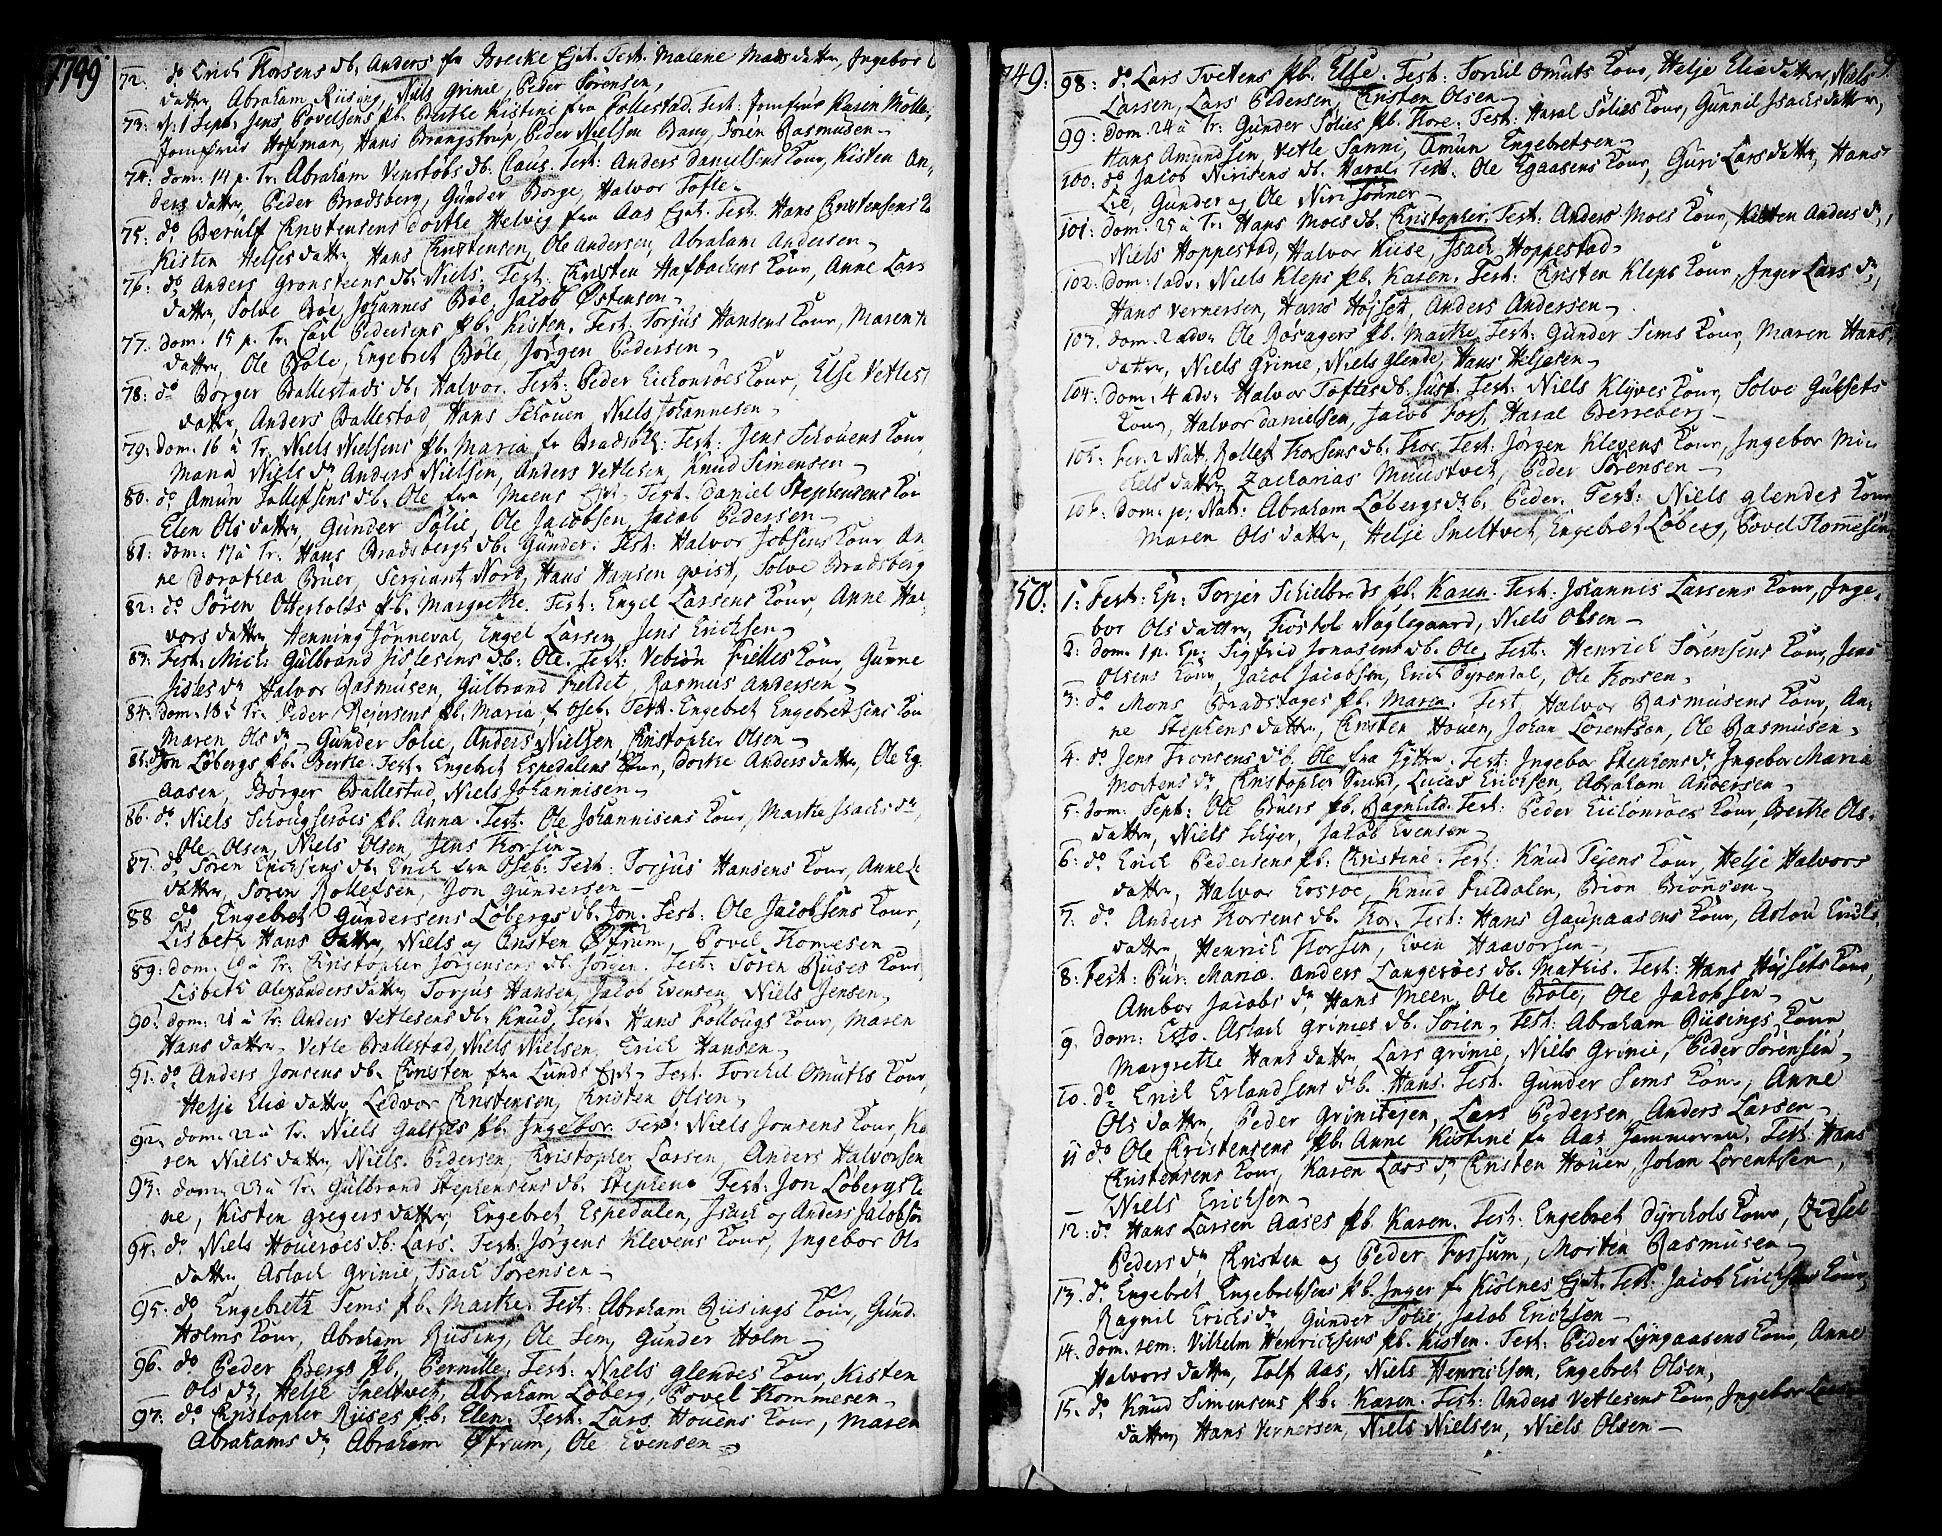 SAKO, Gjerpen kirkebøker, F/Fa/L0002: Ministerialbok nr. 2, 1747-1795, s. 9